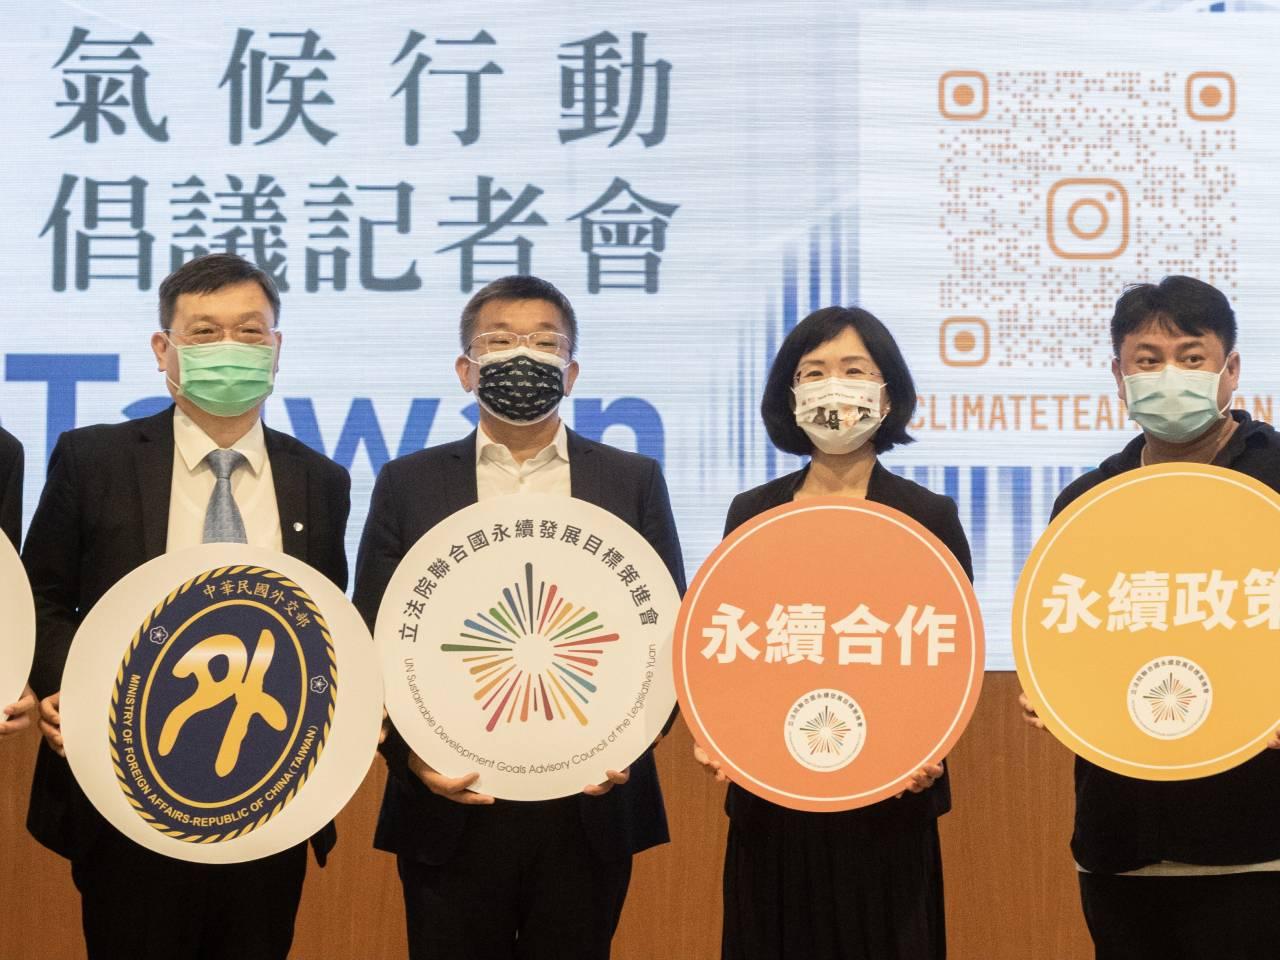 立院副院長蔡其昌號召全民共同響應「同島一隊 #ClimateTeamTaiwan」倡議,不分你我付諸氣候行動,邁向永續未來